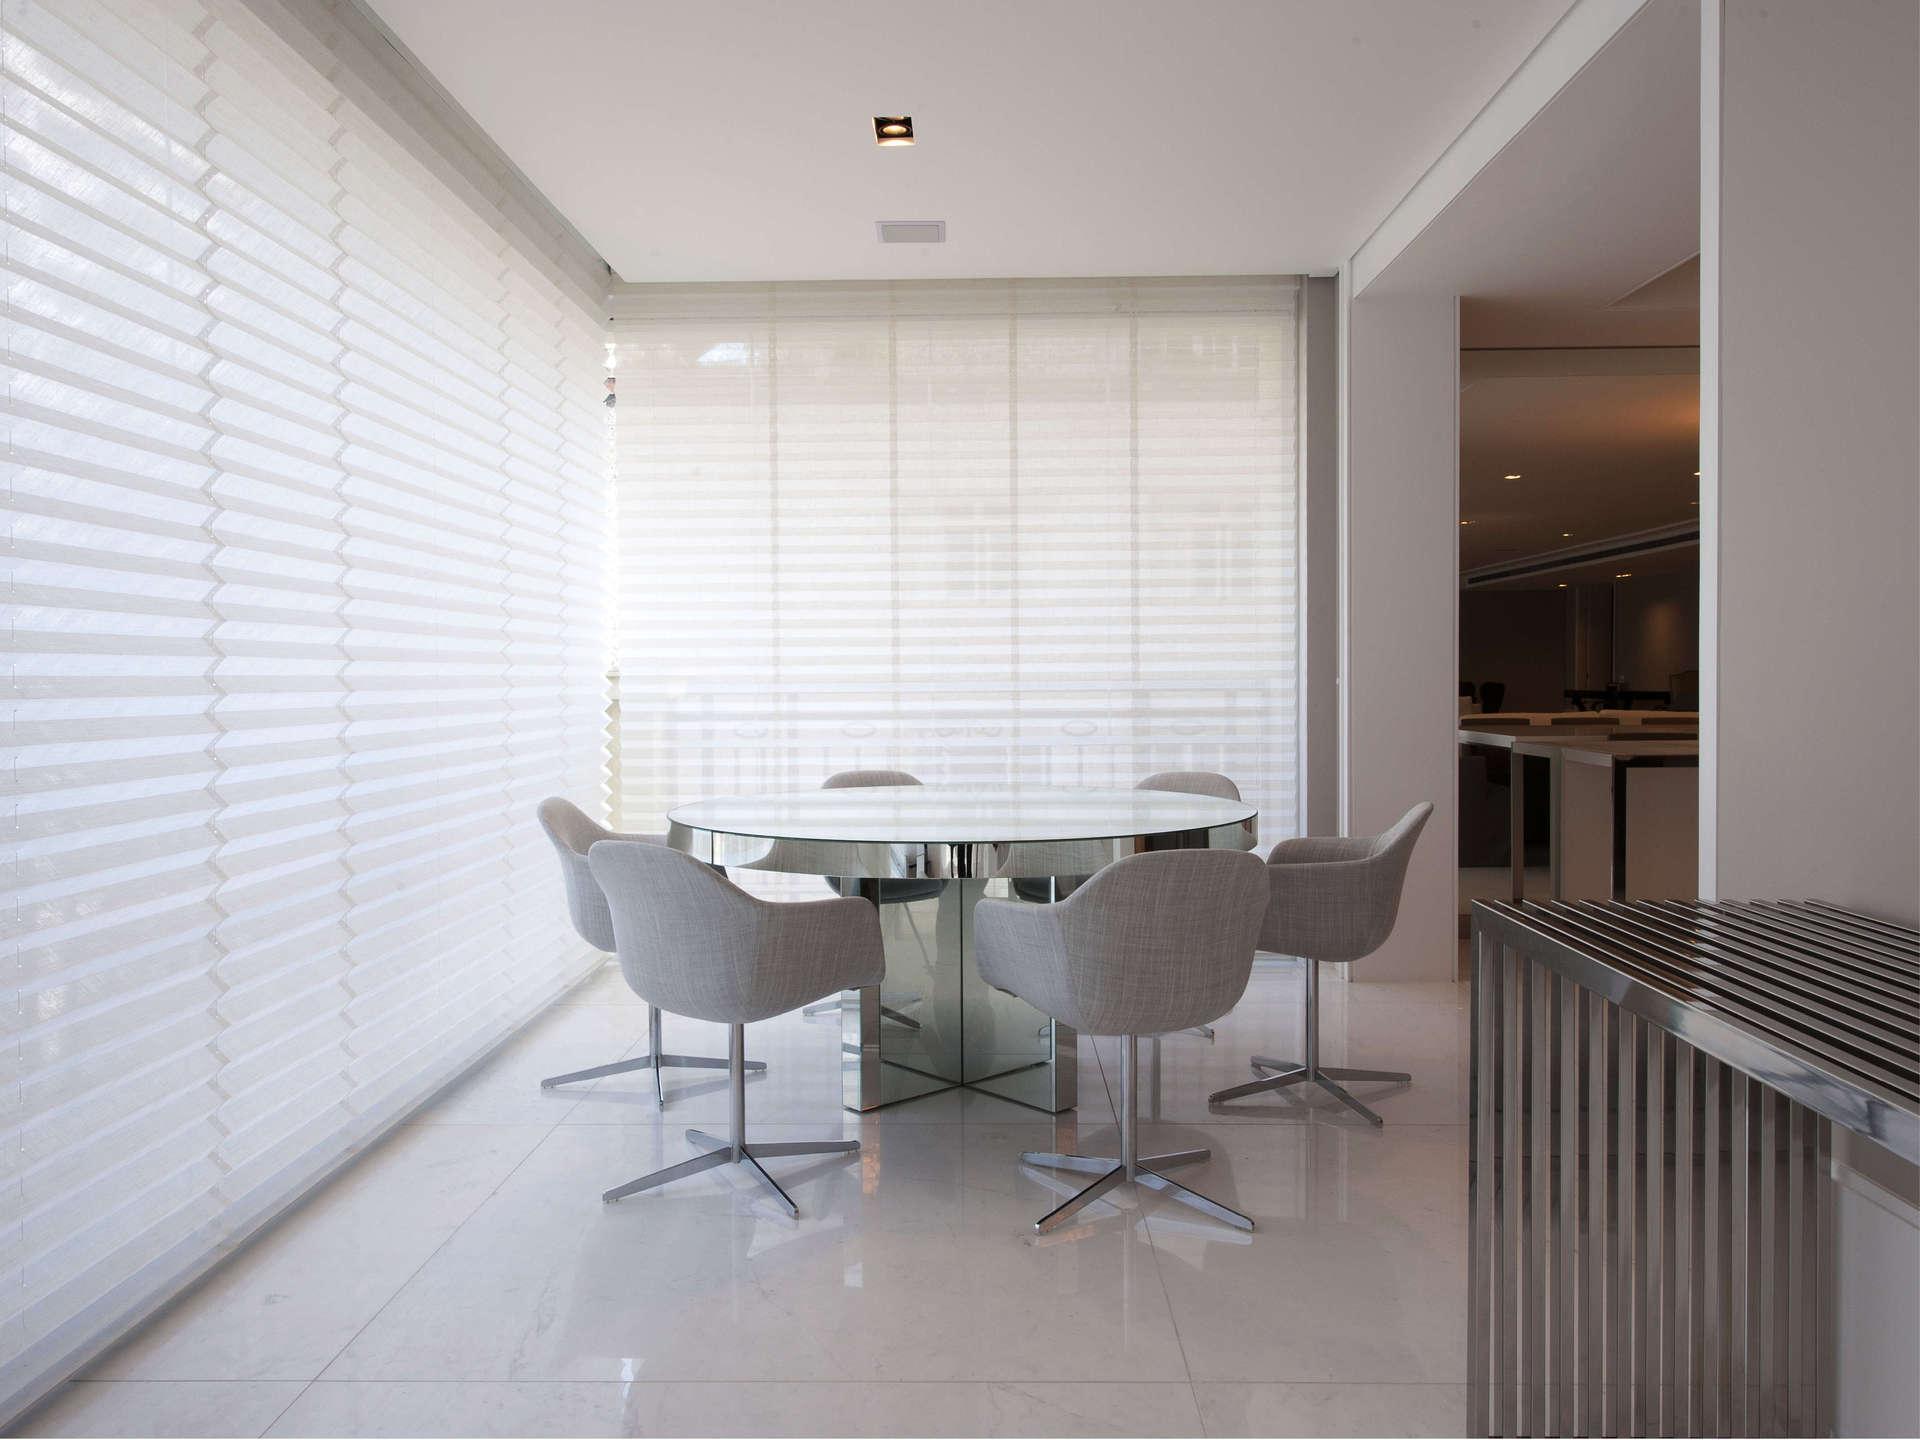 As cortinas plissadas podem mesmo cobrir grandes vãos, como nesse caso em que fecham paredes de vidro de uma residência